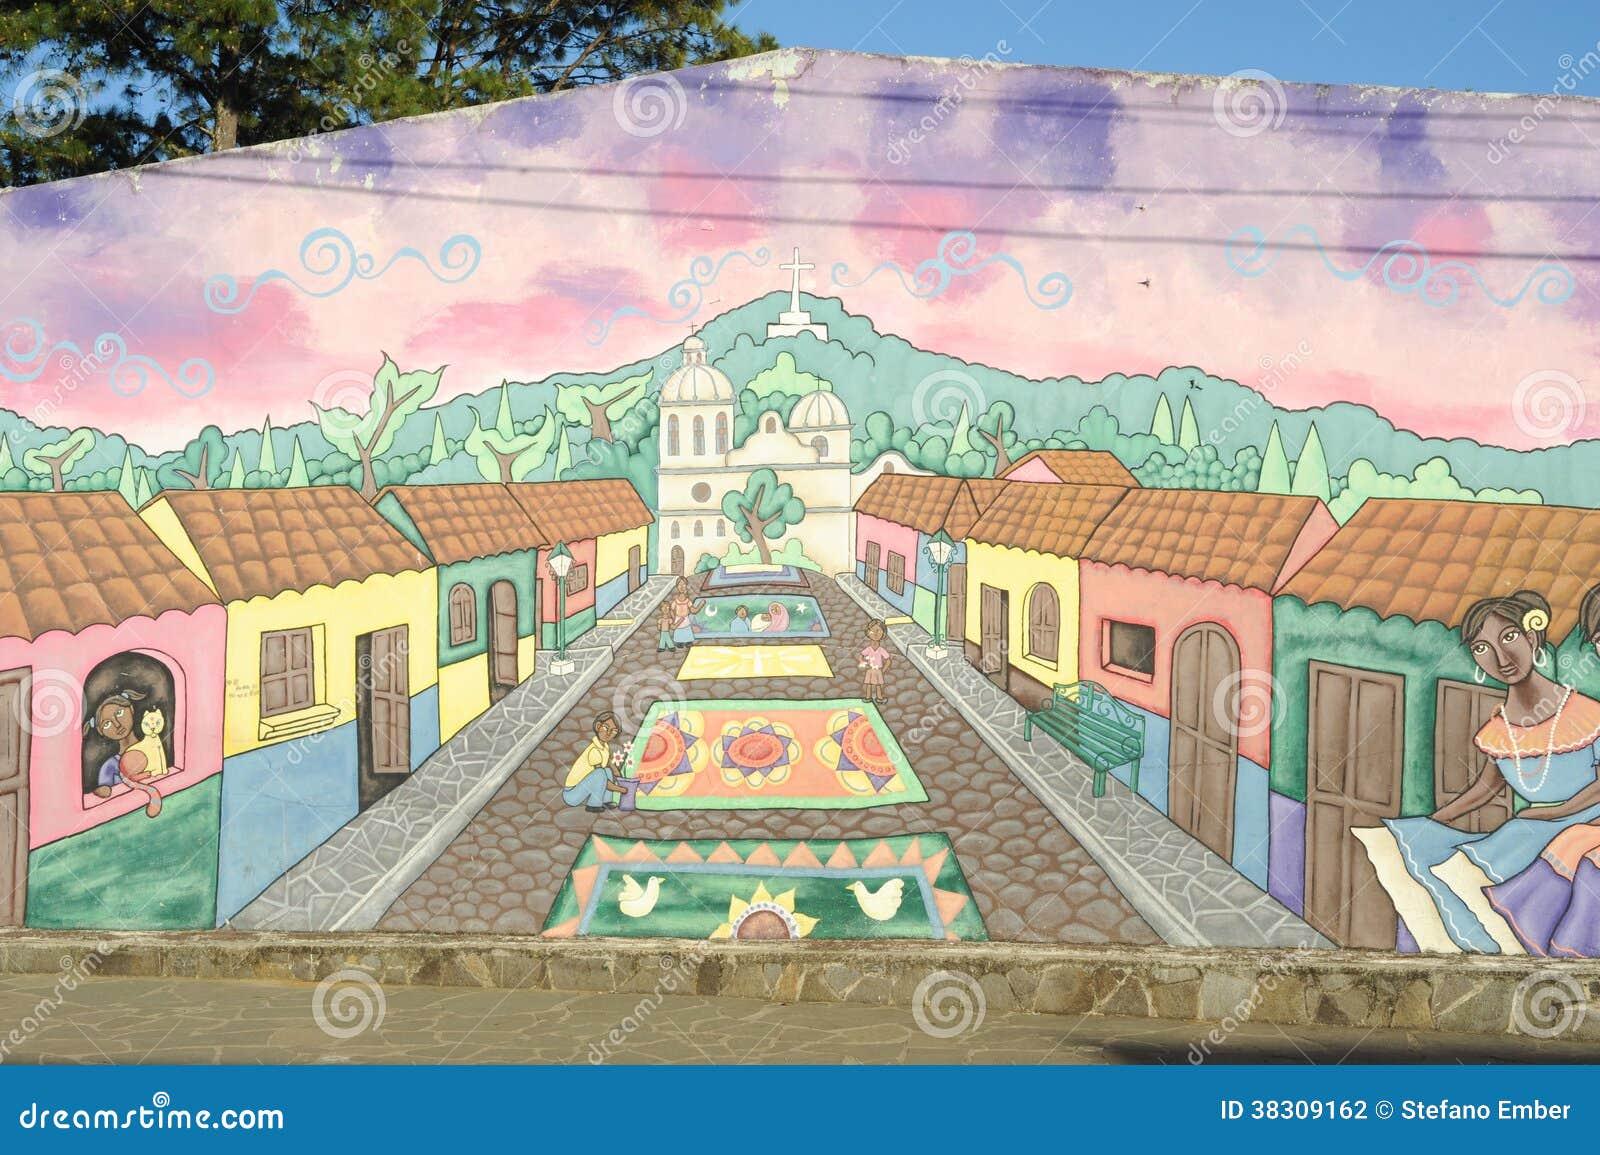 Peinture Murale Sur Une Maison Chez Ataco Au Salvador Photographie